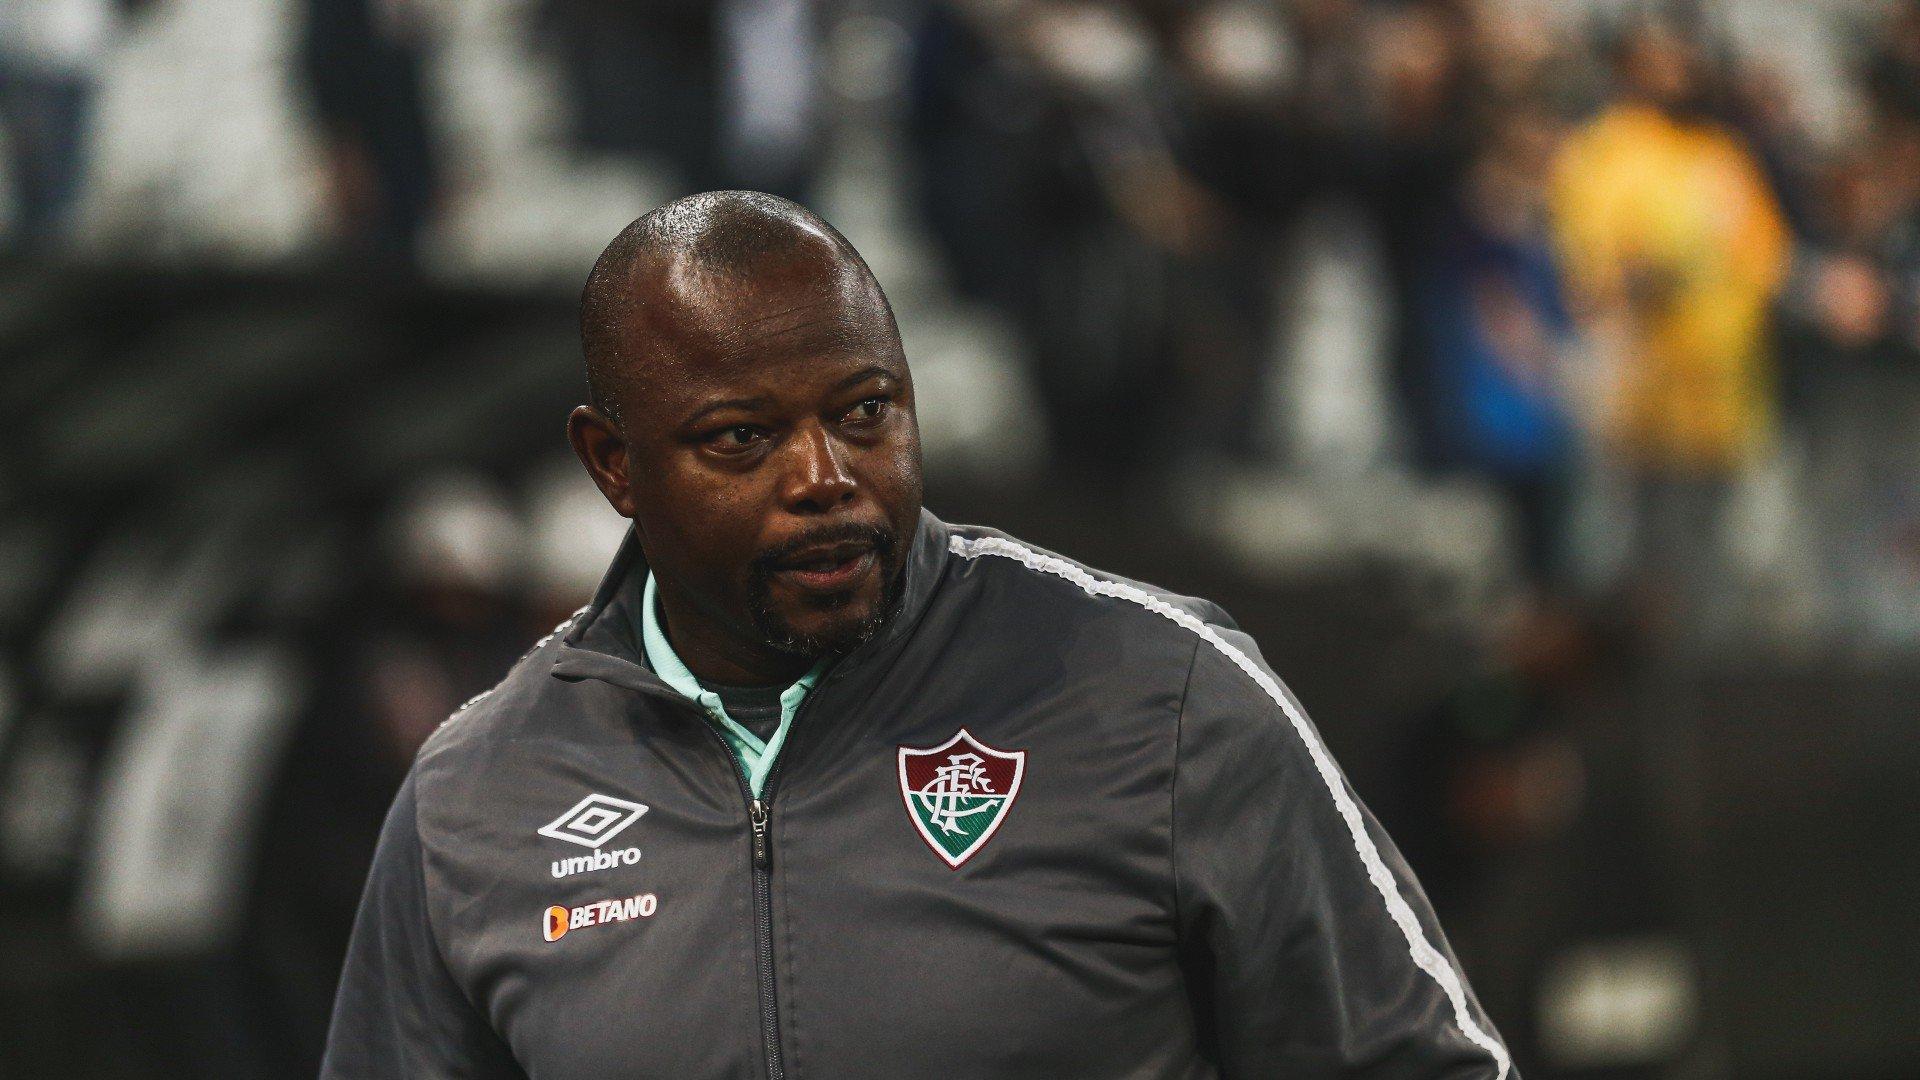 Marcão vê derrota no 'detalhe' e afirma que Fluminense teve controle do jogo contra o Corinthians